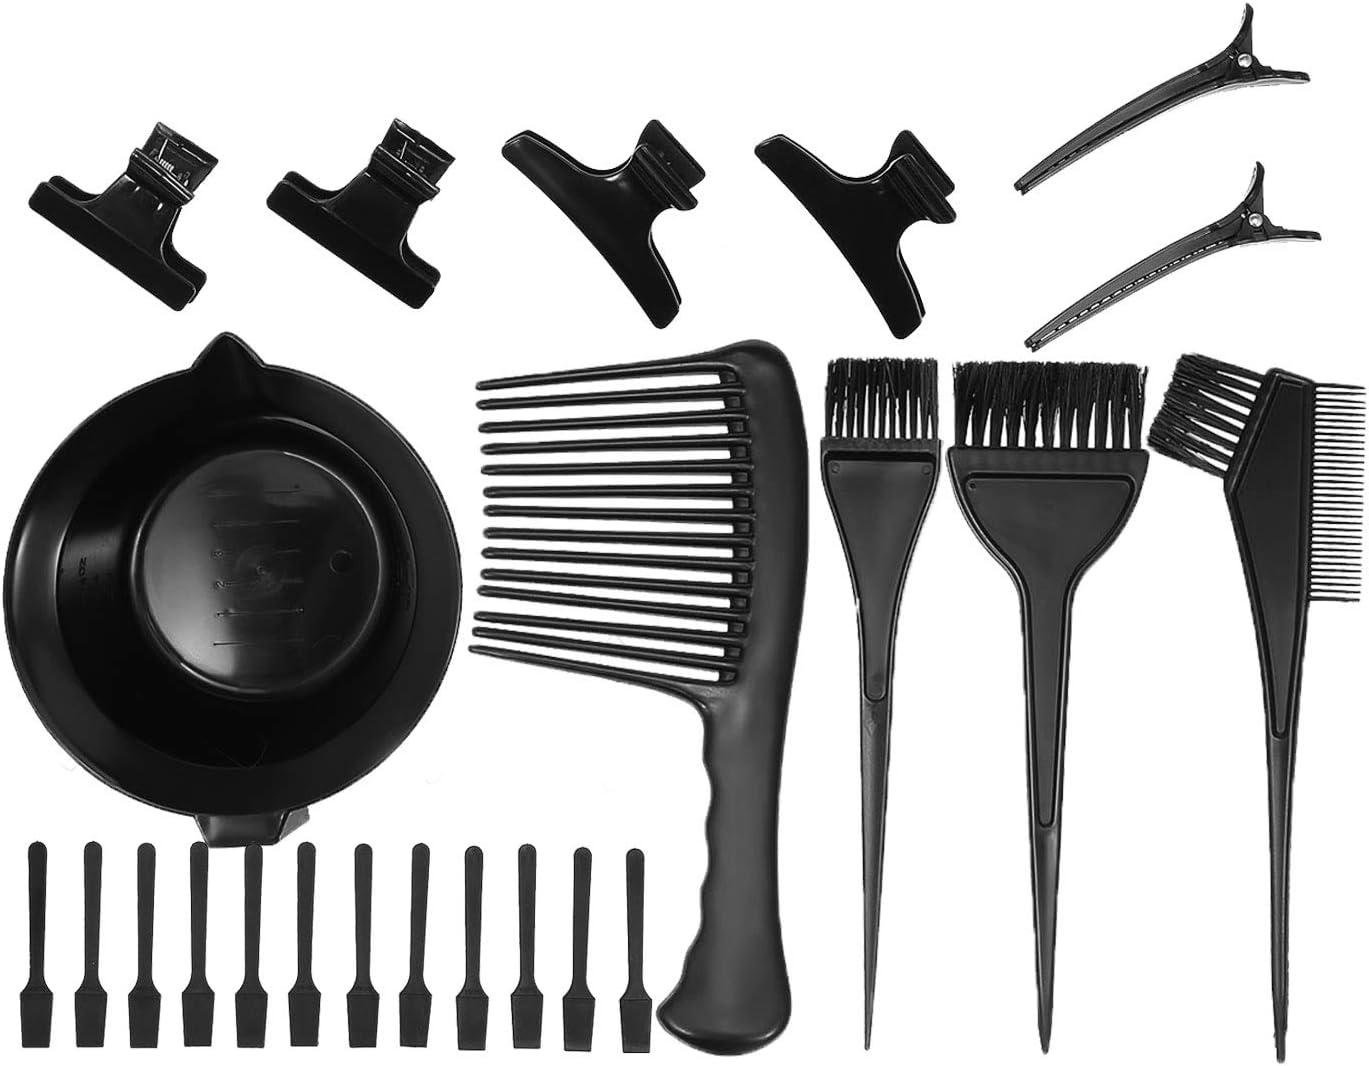 Anself 23 piezas de tinte para el cabello, tinte para el cabello, tazón, tinte, cepillo, peine, pinzas para el cabello, espátulas para mezclar, tinte ...